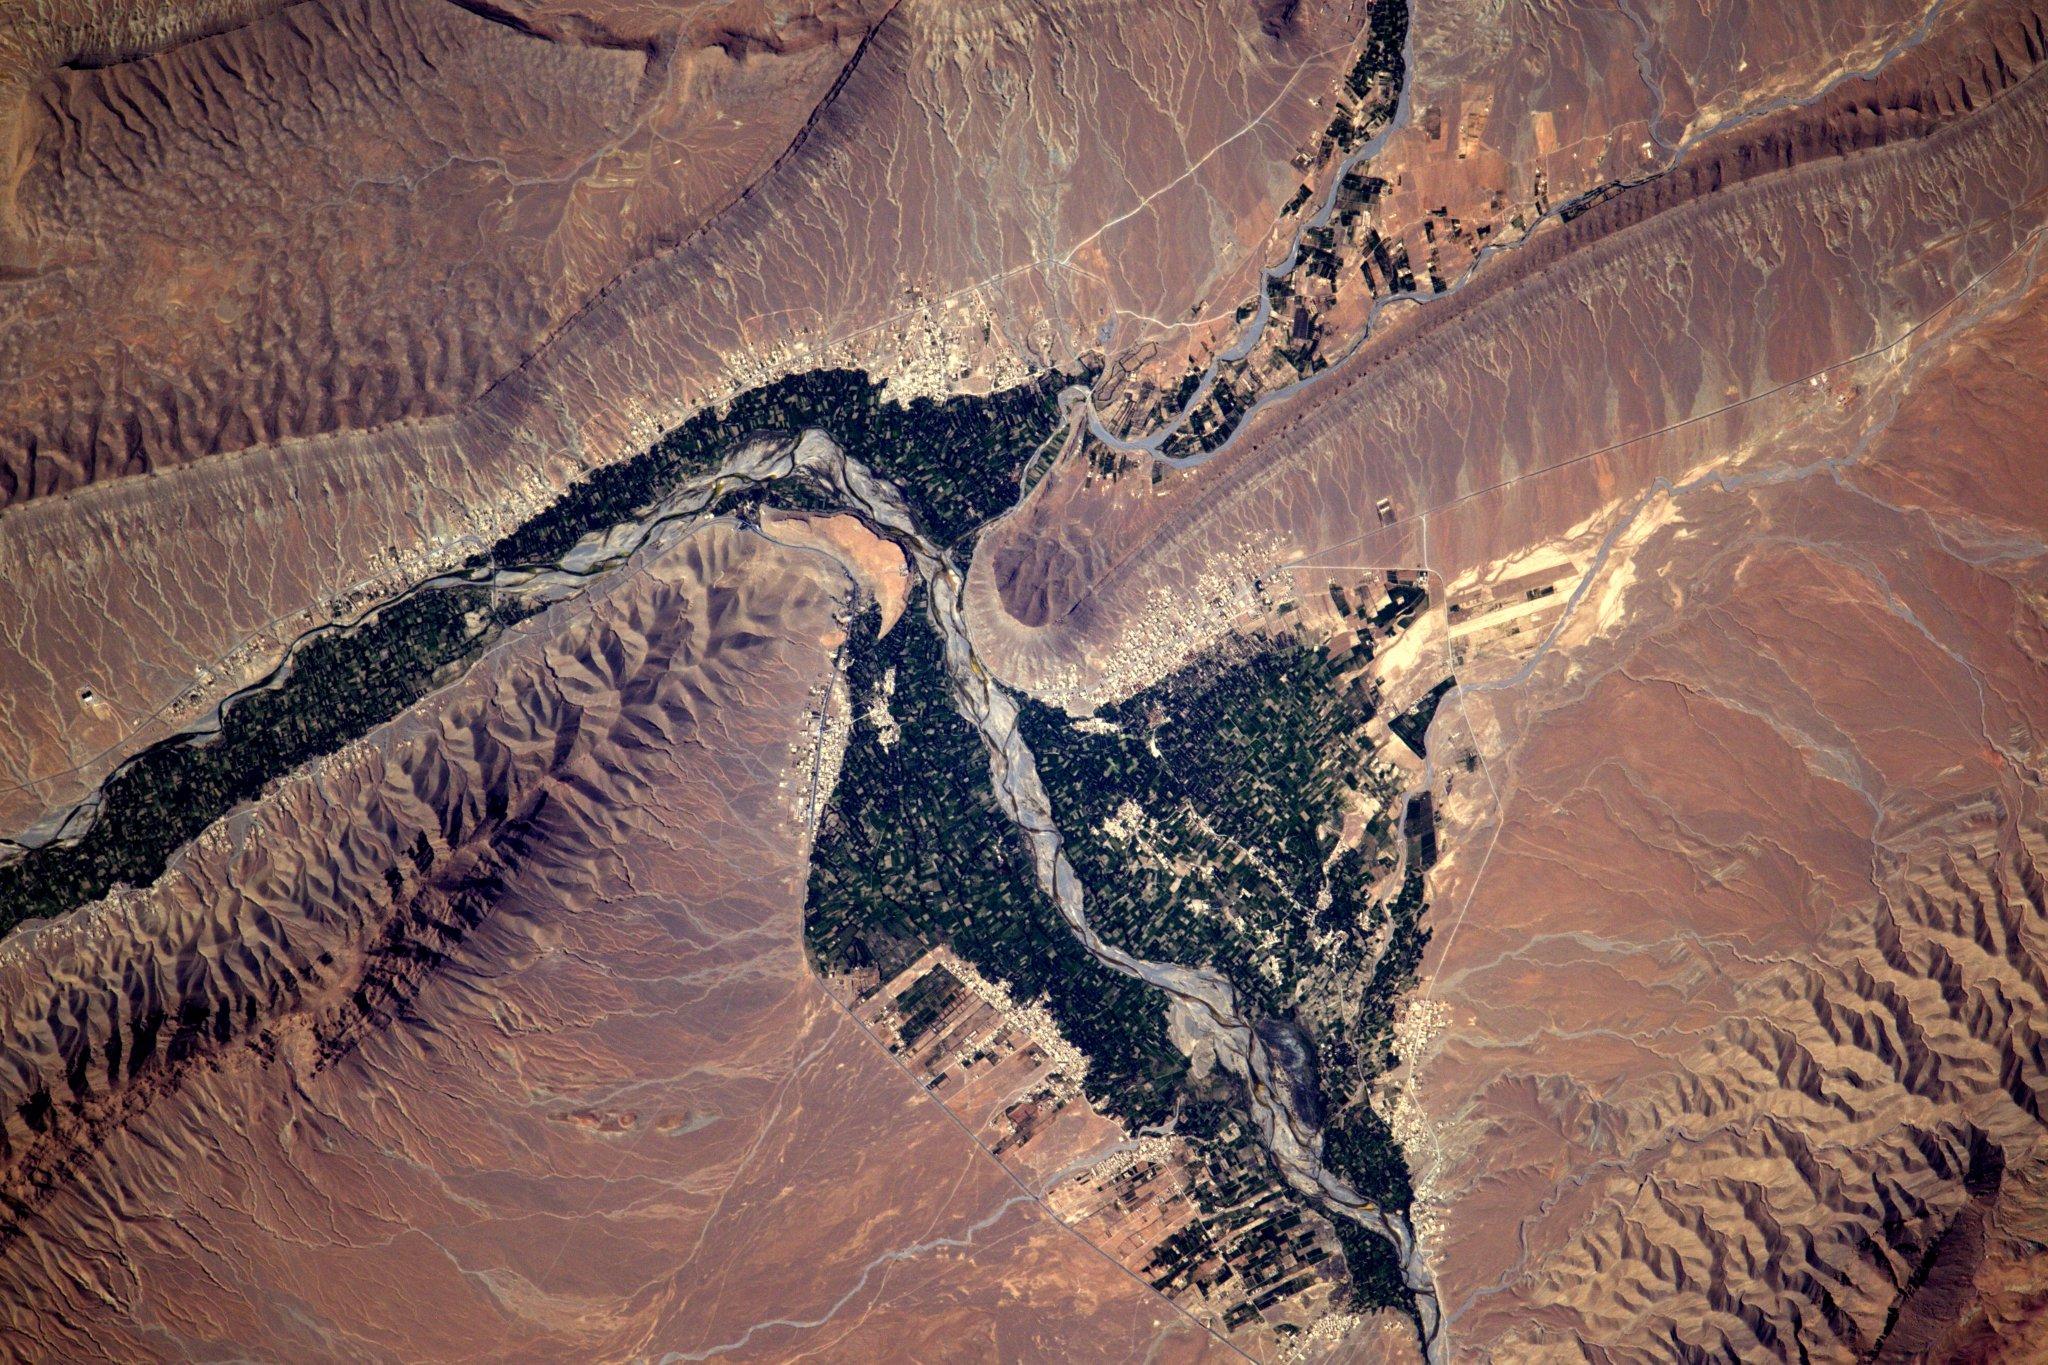 Le village de Merzouga situé au Maroc.